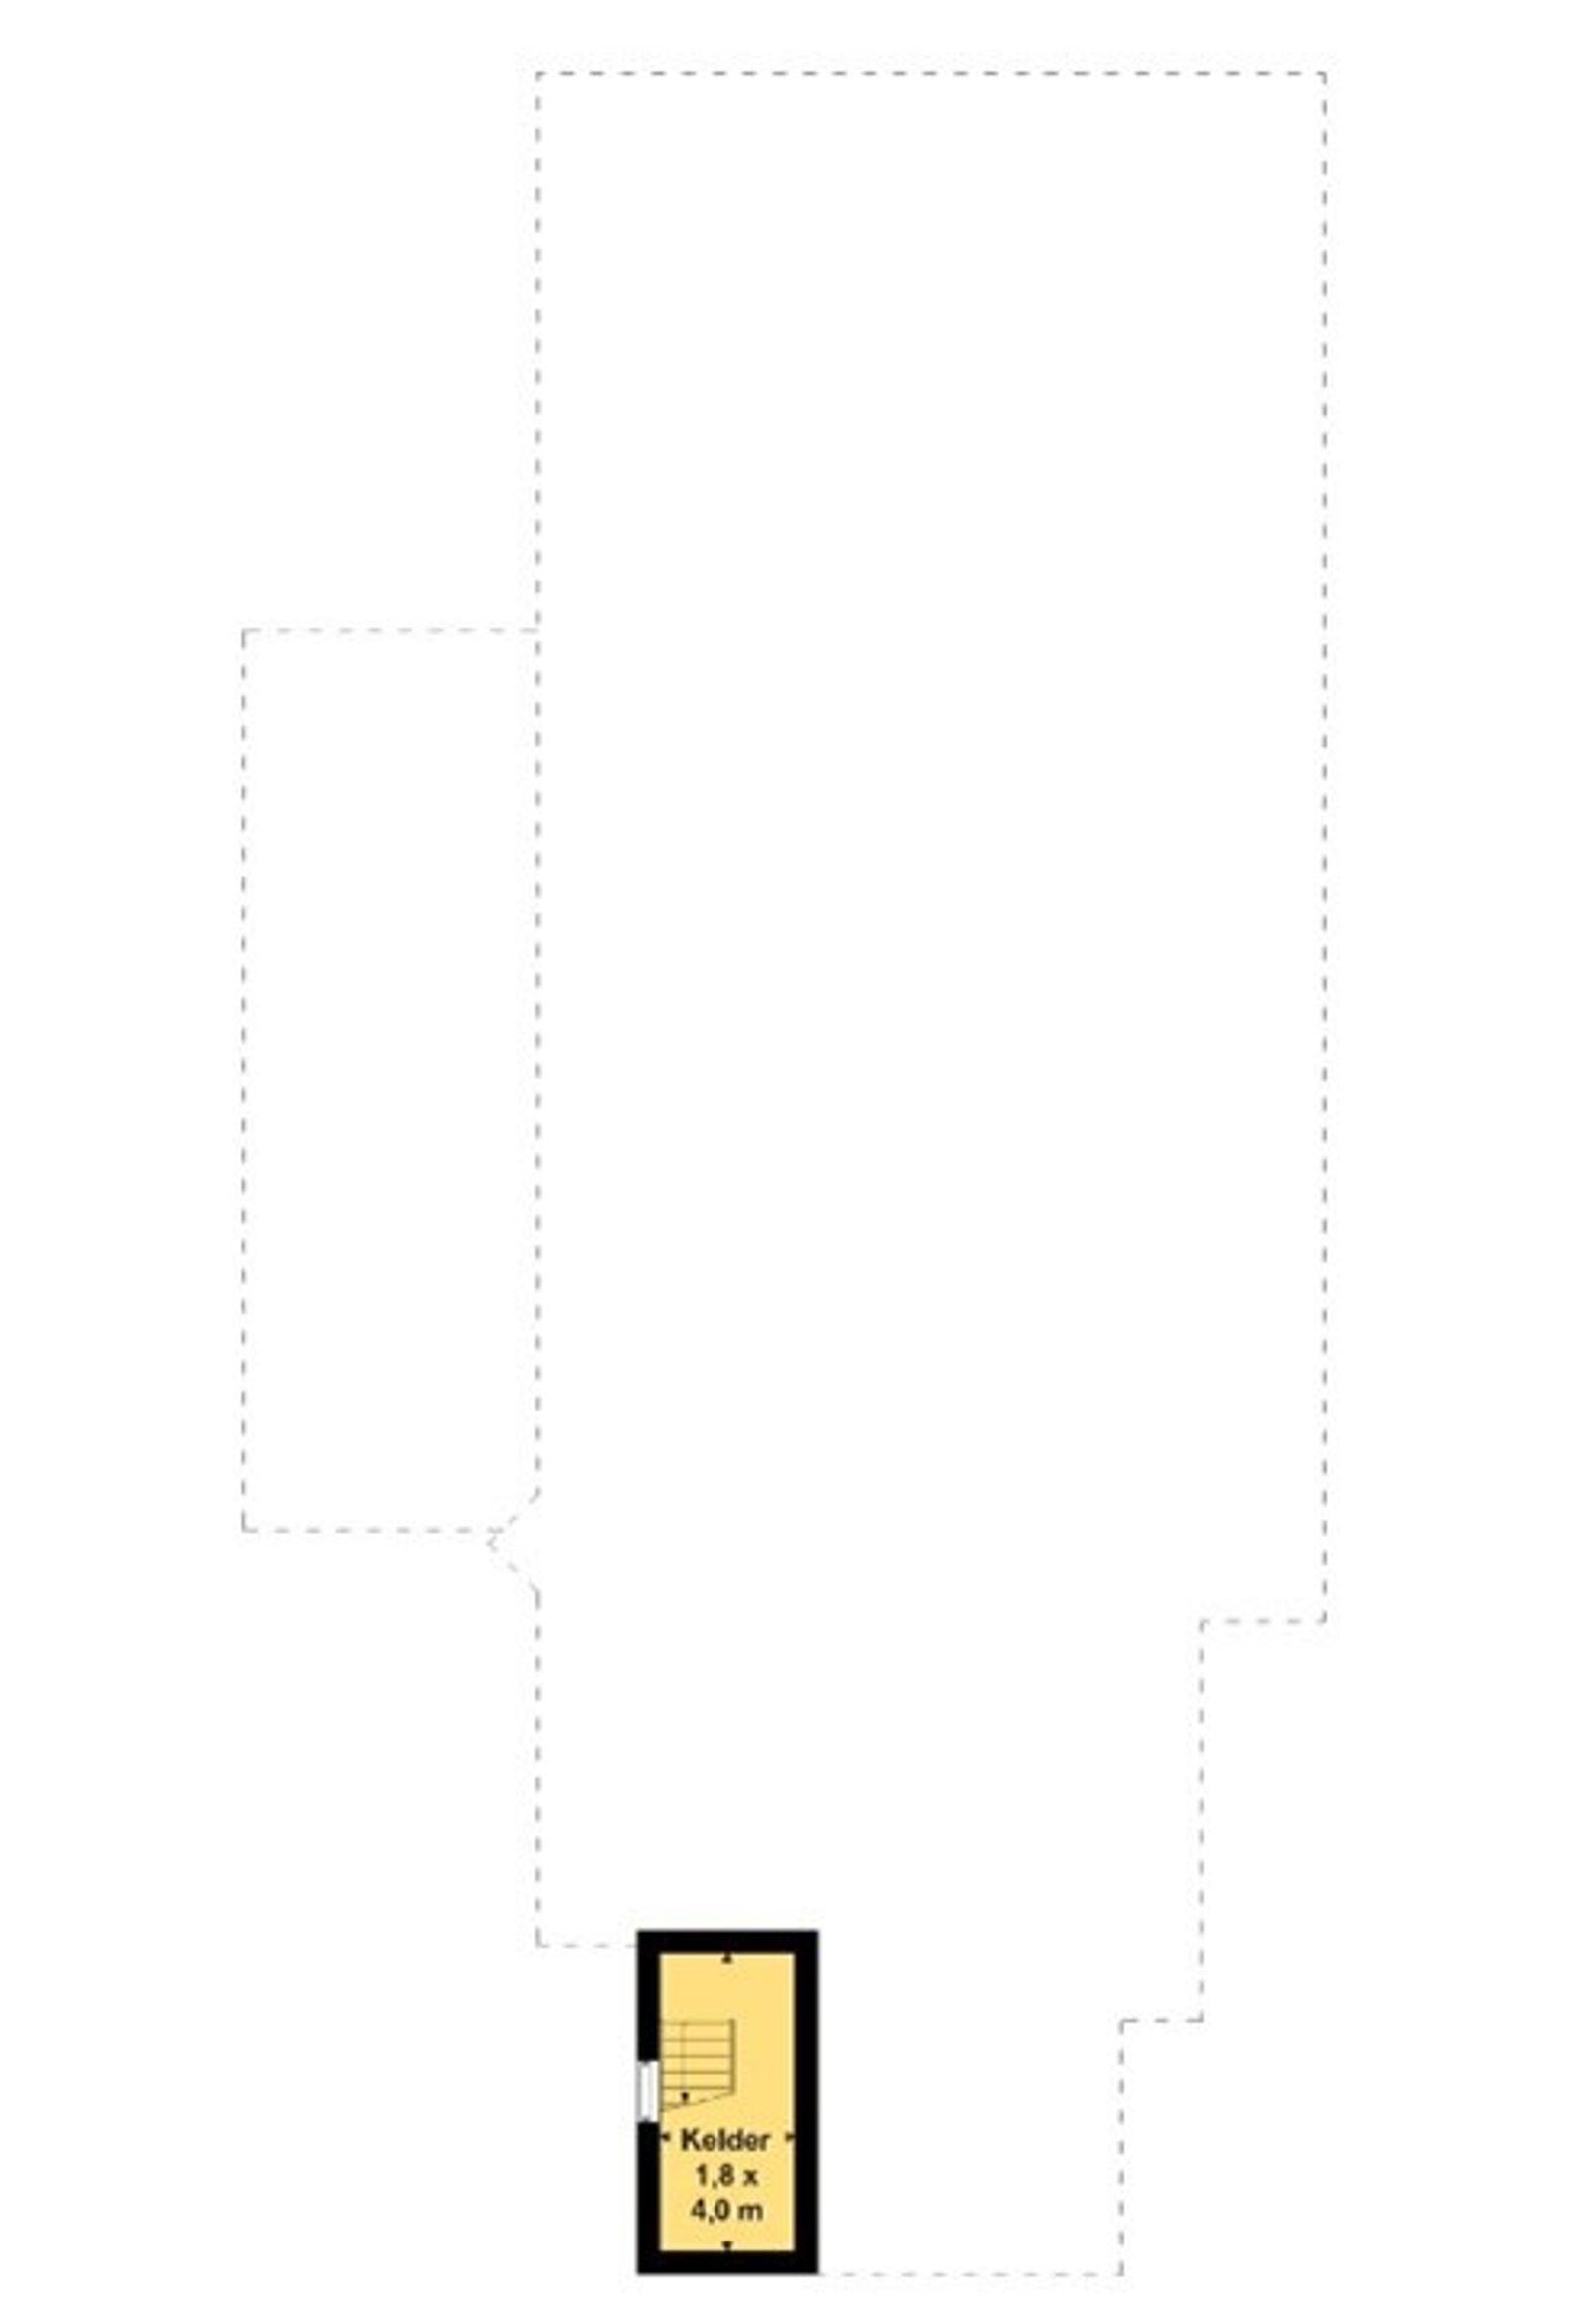 Deze woning met achterhuis, grote bedrijfshallen en werktuigenberging is gelegen in een bosrijke omgeving, op een korte afstand van alle voorzieningen die Chaam biedt en alle uitvalswegen bevinden zich op korte afstand. De bushalte van de buslijn tussen Tilburg en Breda stopt voor de deur. Dit alles is gelegen op een perceel van ca. 0.81.10 ha groot. De woning is voorzien van een sfeervolle veranda en heeft een slaapkamer en een badkamer op de begane grond. Het achterhuis is grotendeels als berging in gebruik, maar deze biedt diverse mogelijkheden. Dit object heeft een bedrijvenbestemming en is thans als handelsbedrijf in gebruik. Tevens is er een vergunning aanwezig voor het houden van vee. Het behoort tot de mogelijkheden om het object met meer grond 0.84.00 ha, en een recreatiewoning met 0.07.70 ha ondergrond, aan te kopen. 0.81.10 ha - 0.84.00 ha - 0.07.70= 1.72.80 ha. (totale object)  BEGANE GROND Voorentree met toegang tot woonkamer, slaapkamer, kelder, garderobe en vaste trap naar de eerste verdieping. Afwerking- Granitovloer, spachtelputz wanden en stucwerk plafond. Meterkast- 11 groepen, 40A afgezekerd. Slaapkamer begane grond. Afwerking- Vloerbedekking, spachtelputz wanden en een board plafond. Kelder Afwerking- smeervloer, gekalkte wanden en beton plafond. Ruime woonkamer met haardaansluiting en inbouwboekenkast. Afwerking- Laminaatvloer met vloerverwarming, spachtelputz wanden en balkenplafond met daartussen stucplaten. Woonkeuken uitgerust met een kunststof werkblad, spoelbak, vaatwasser, inductie kookplaat, afzuigkap, combimagnetron, koelkast en kastruimte, met ensuite-deuren naar het kantoor/werkkamer. Er is ook een haardaansluiting aanwezig. Tevens is vanuit de keuken de praktische bijkeuken bereikbaar. Afwerking- Tegelvloer (met vloerverwarming), spachtelputz wanden en stucwerk plafond. Kantoor/werkkamer. Afwerking- Tegelvloer (met vloerverwarming), spachtelputz wanden en MDF-plafond. Achterentree/praktische bijkeuken met vaste schuifkast en aanslui